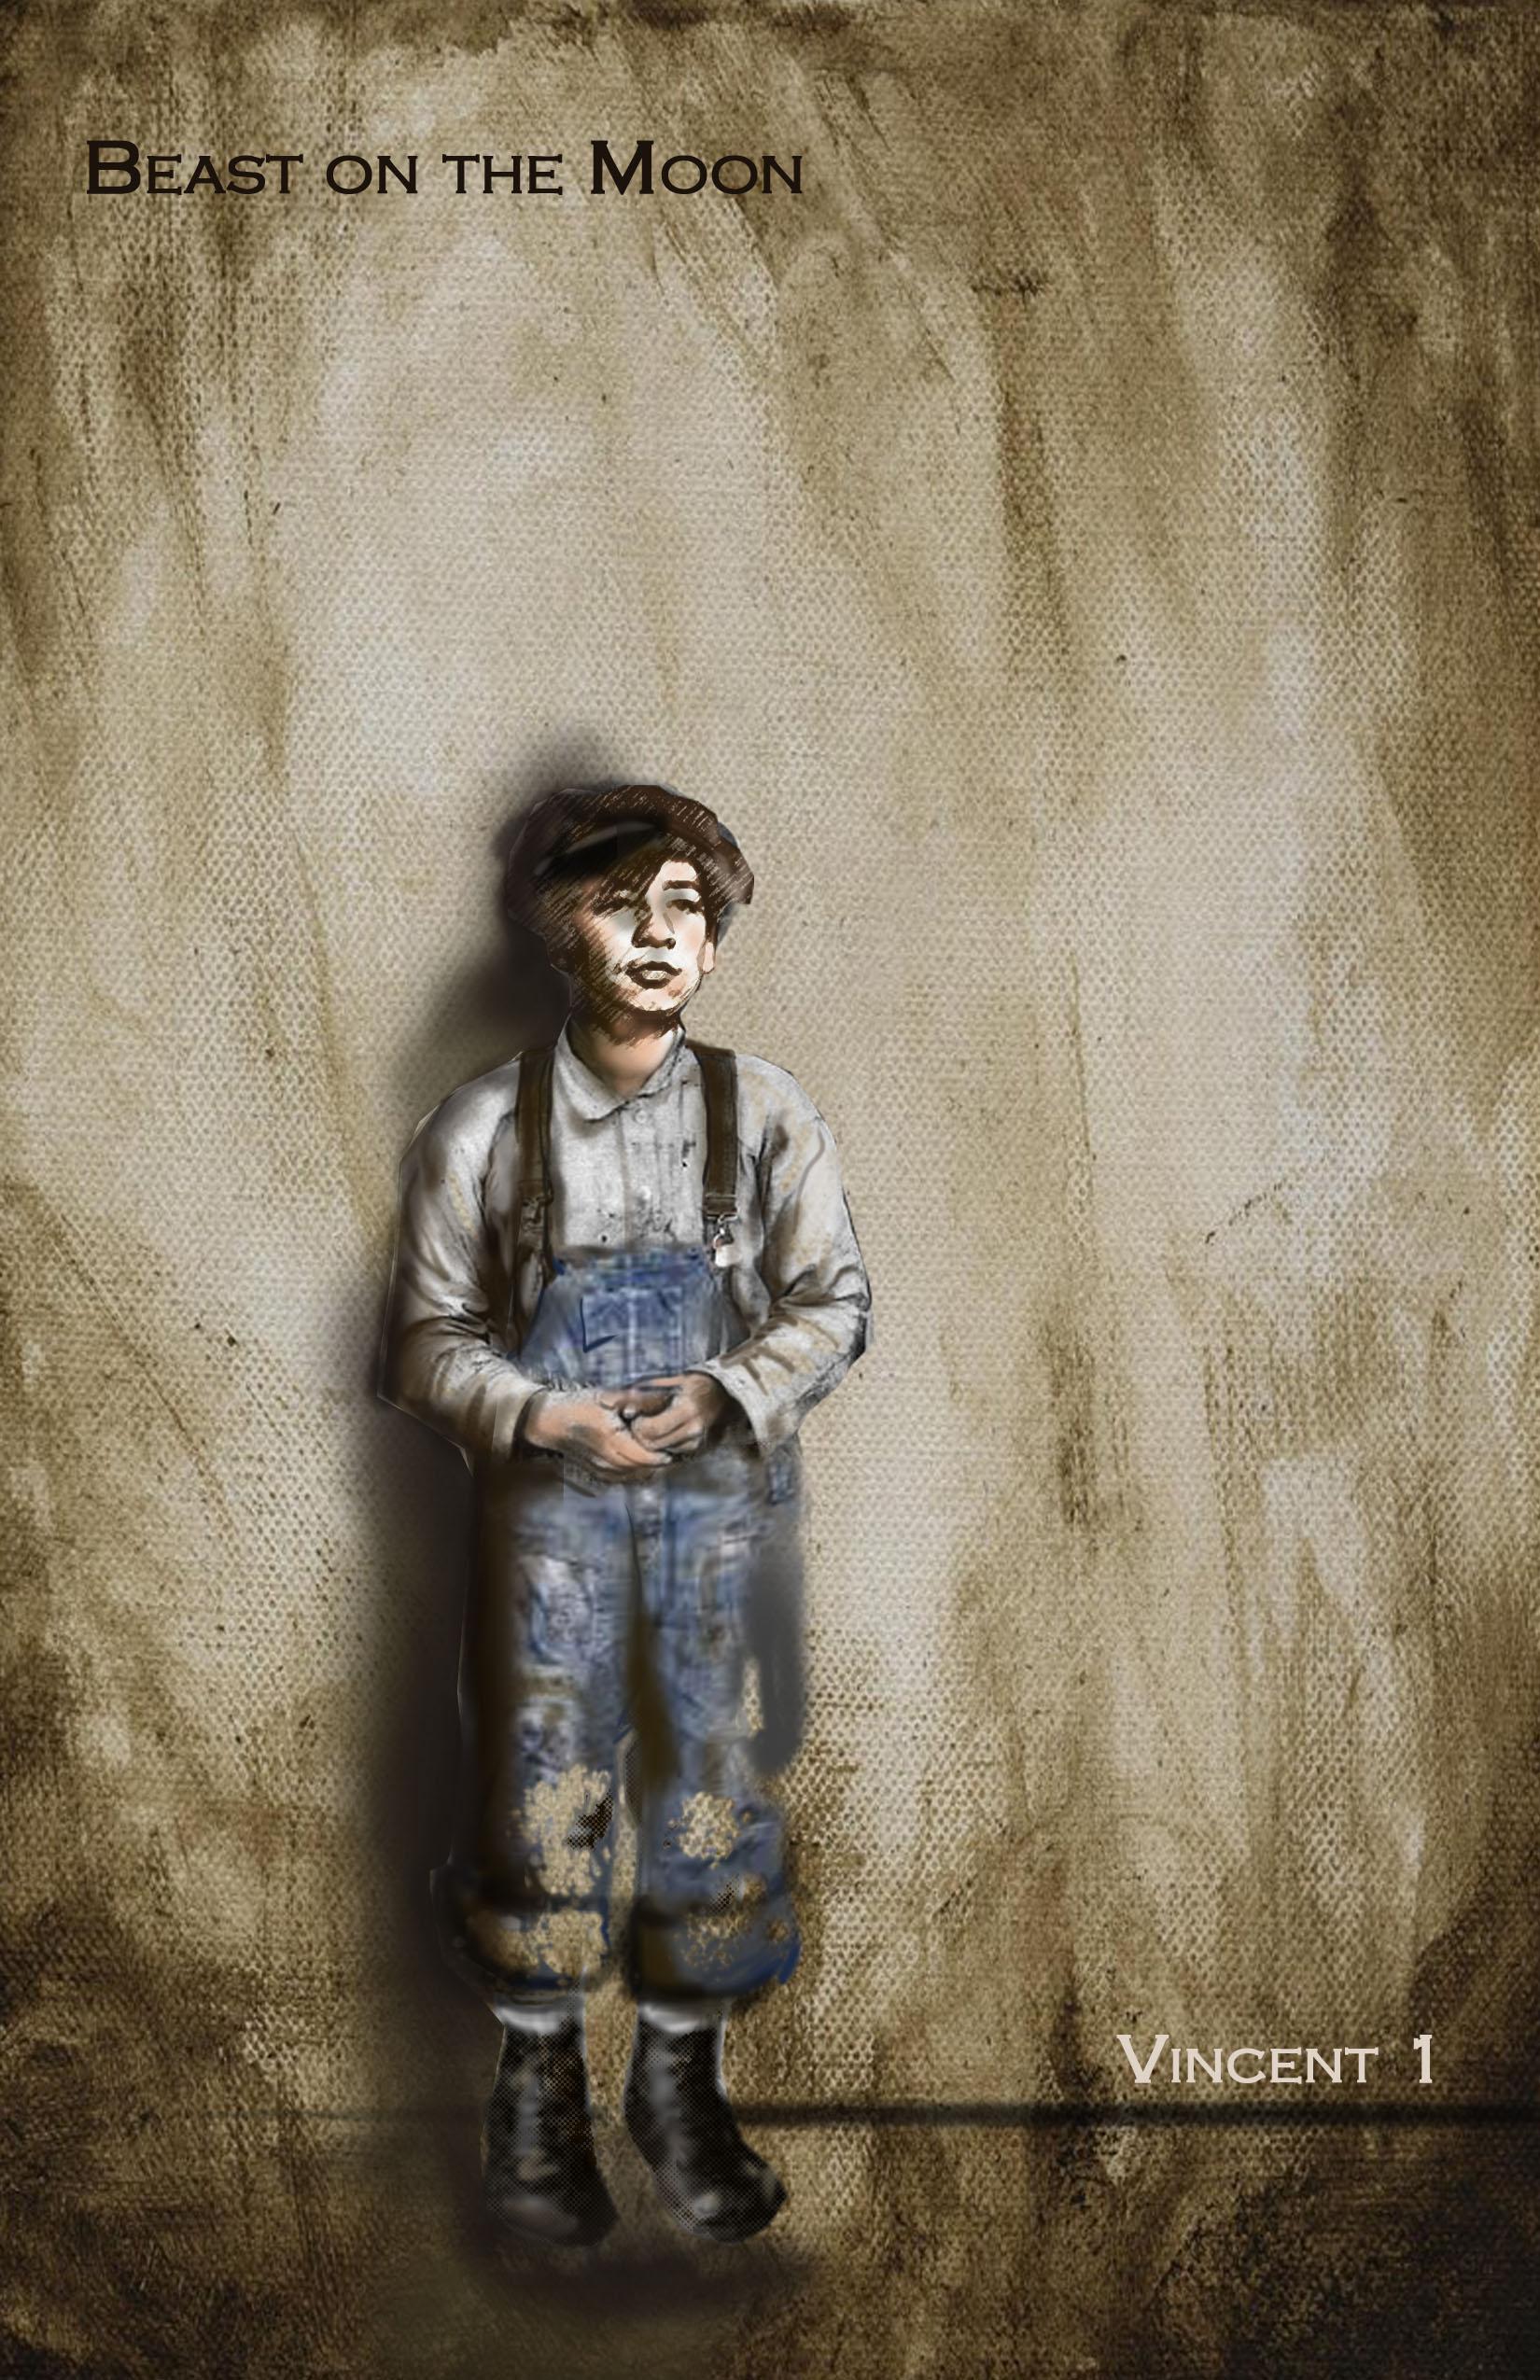 Vincent.jpg